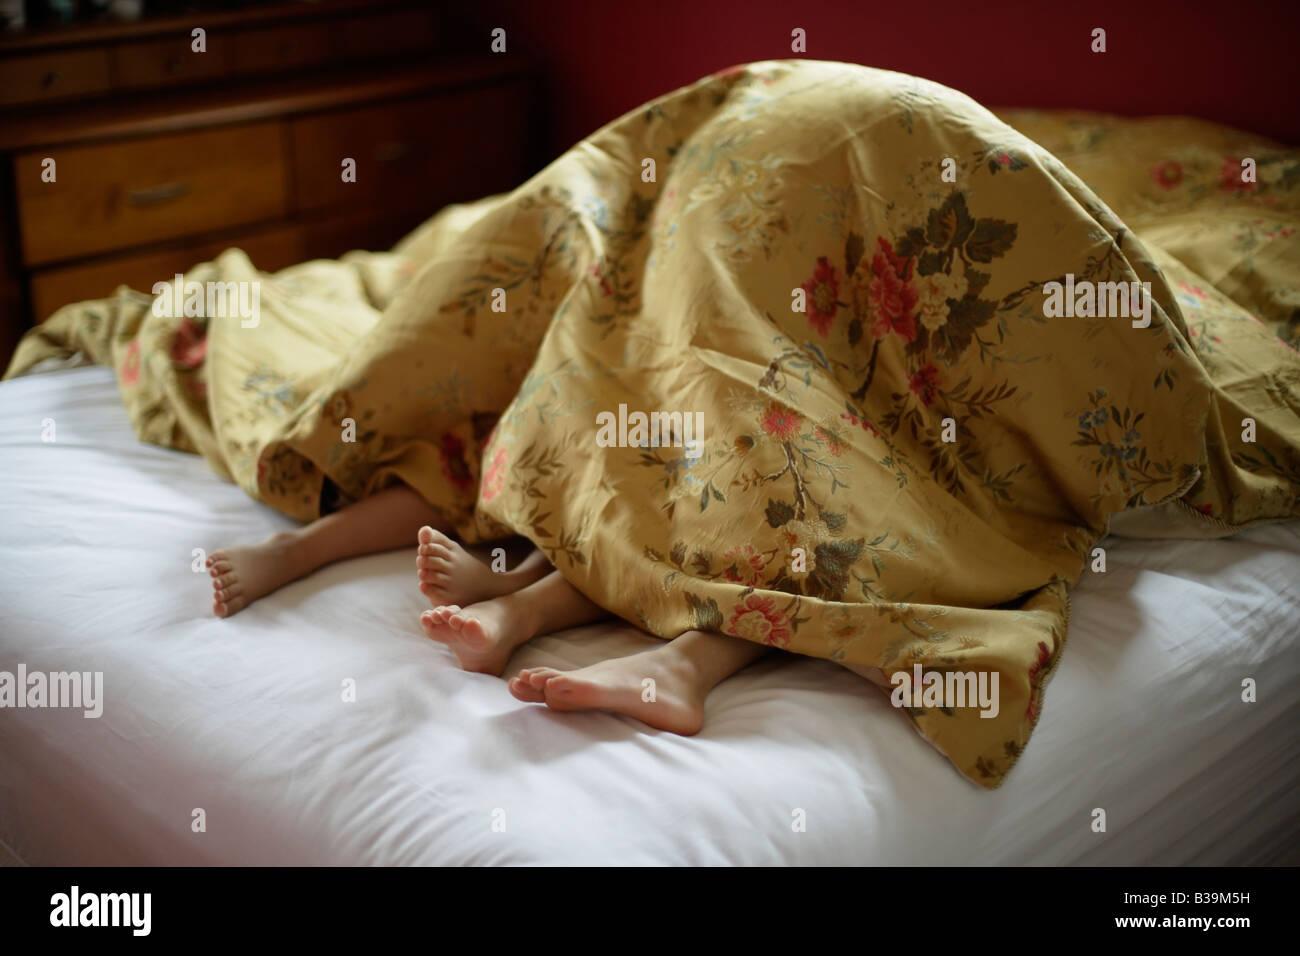 Fratello e Sorella sotto i coperchi del genitore s bed ragazza di età compresa tra i 5 e ragazzo 6 Immagini Stock